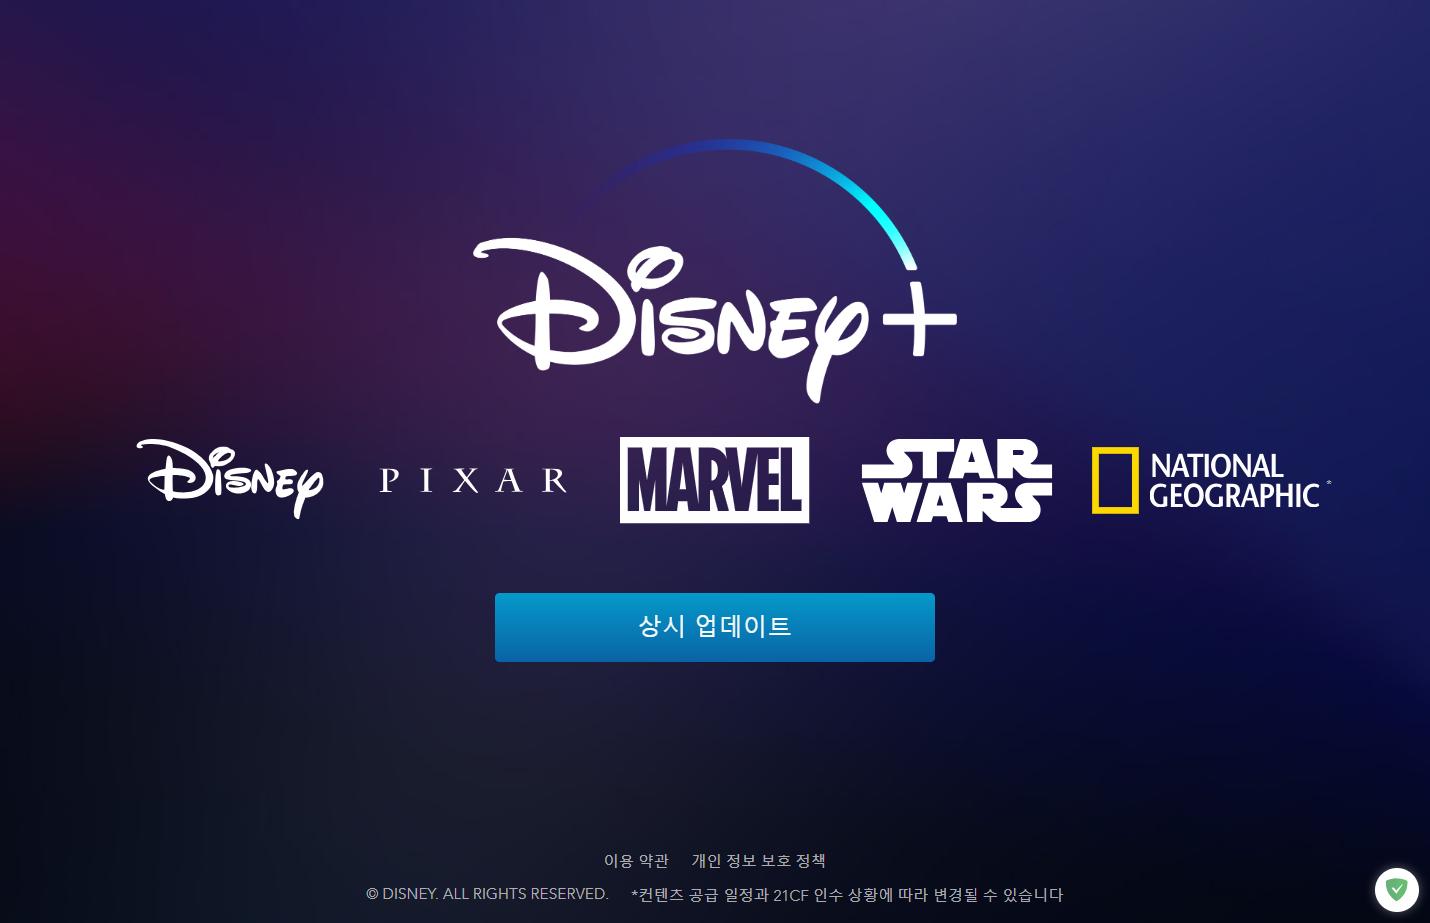 디즈니 스트리밍 서비스 - 디즈니+ (플러스)